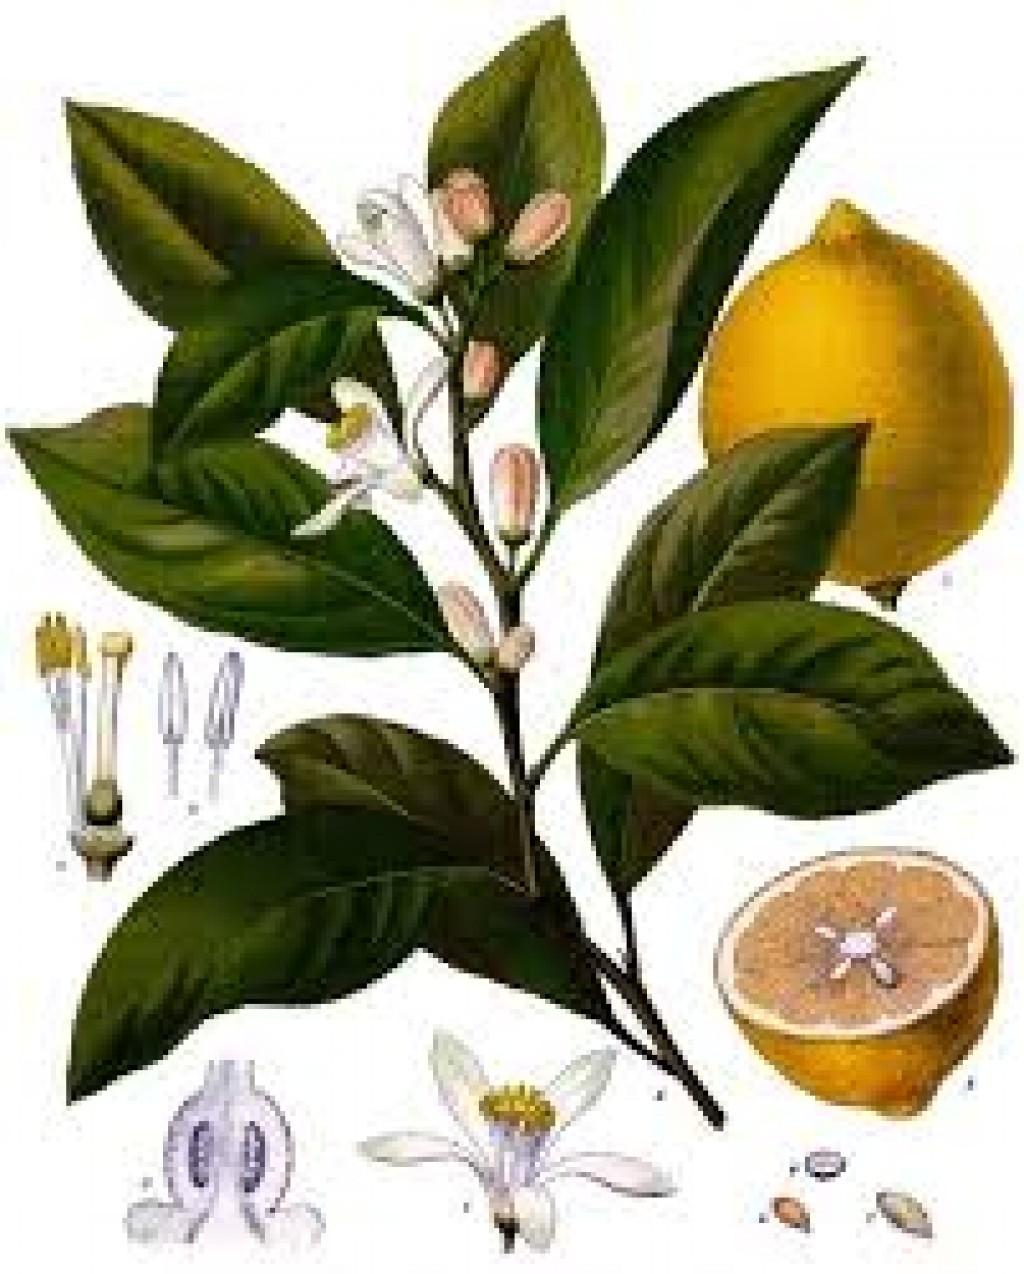 LIMÓN Y LIMONAR, lemon, key lime - Citrus limonum, C. aurantifolia